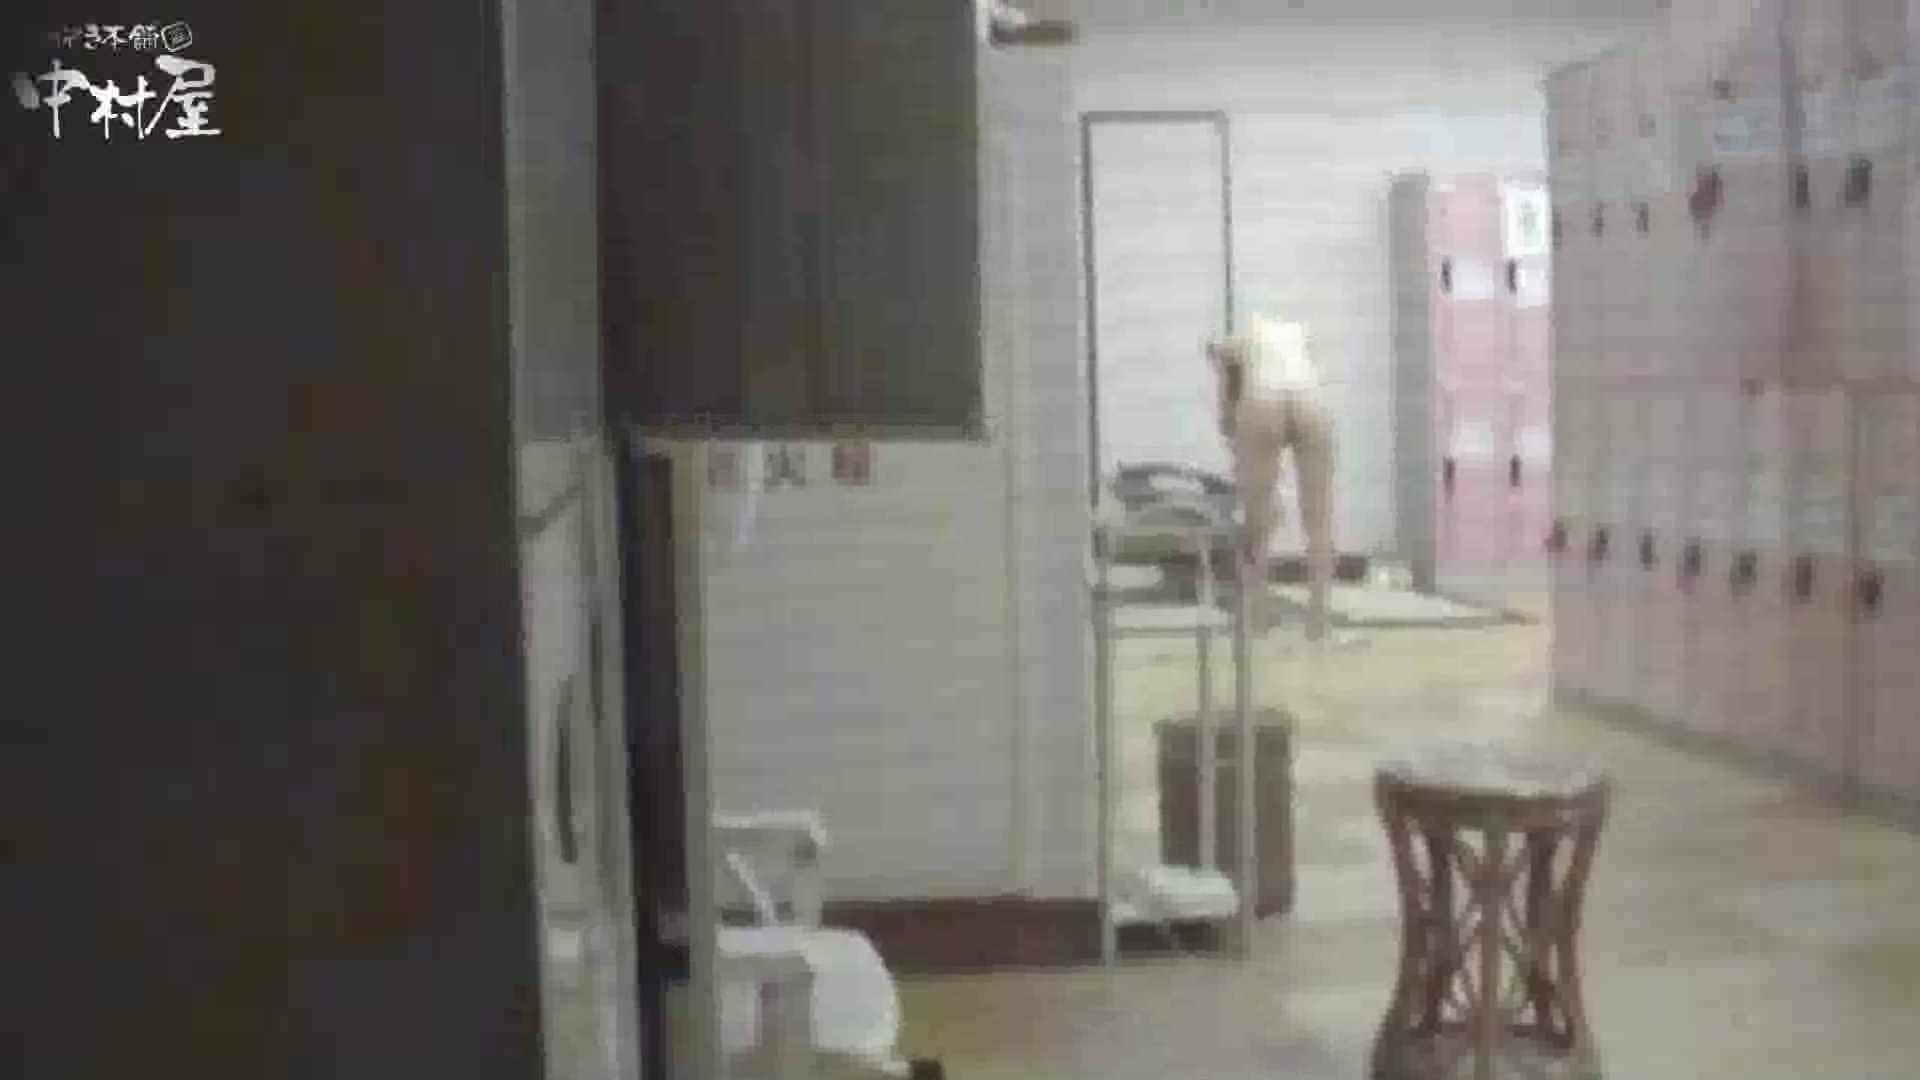 民家風呂専門盗撮師の超危険映像 vol.009 OLセックス | 盗撮  104画像 103